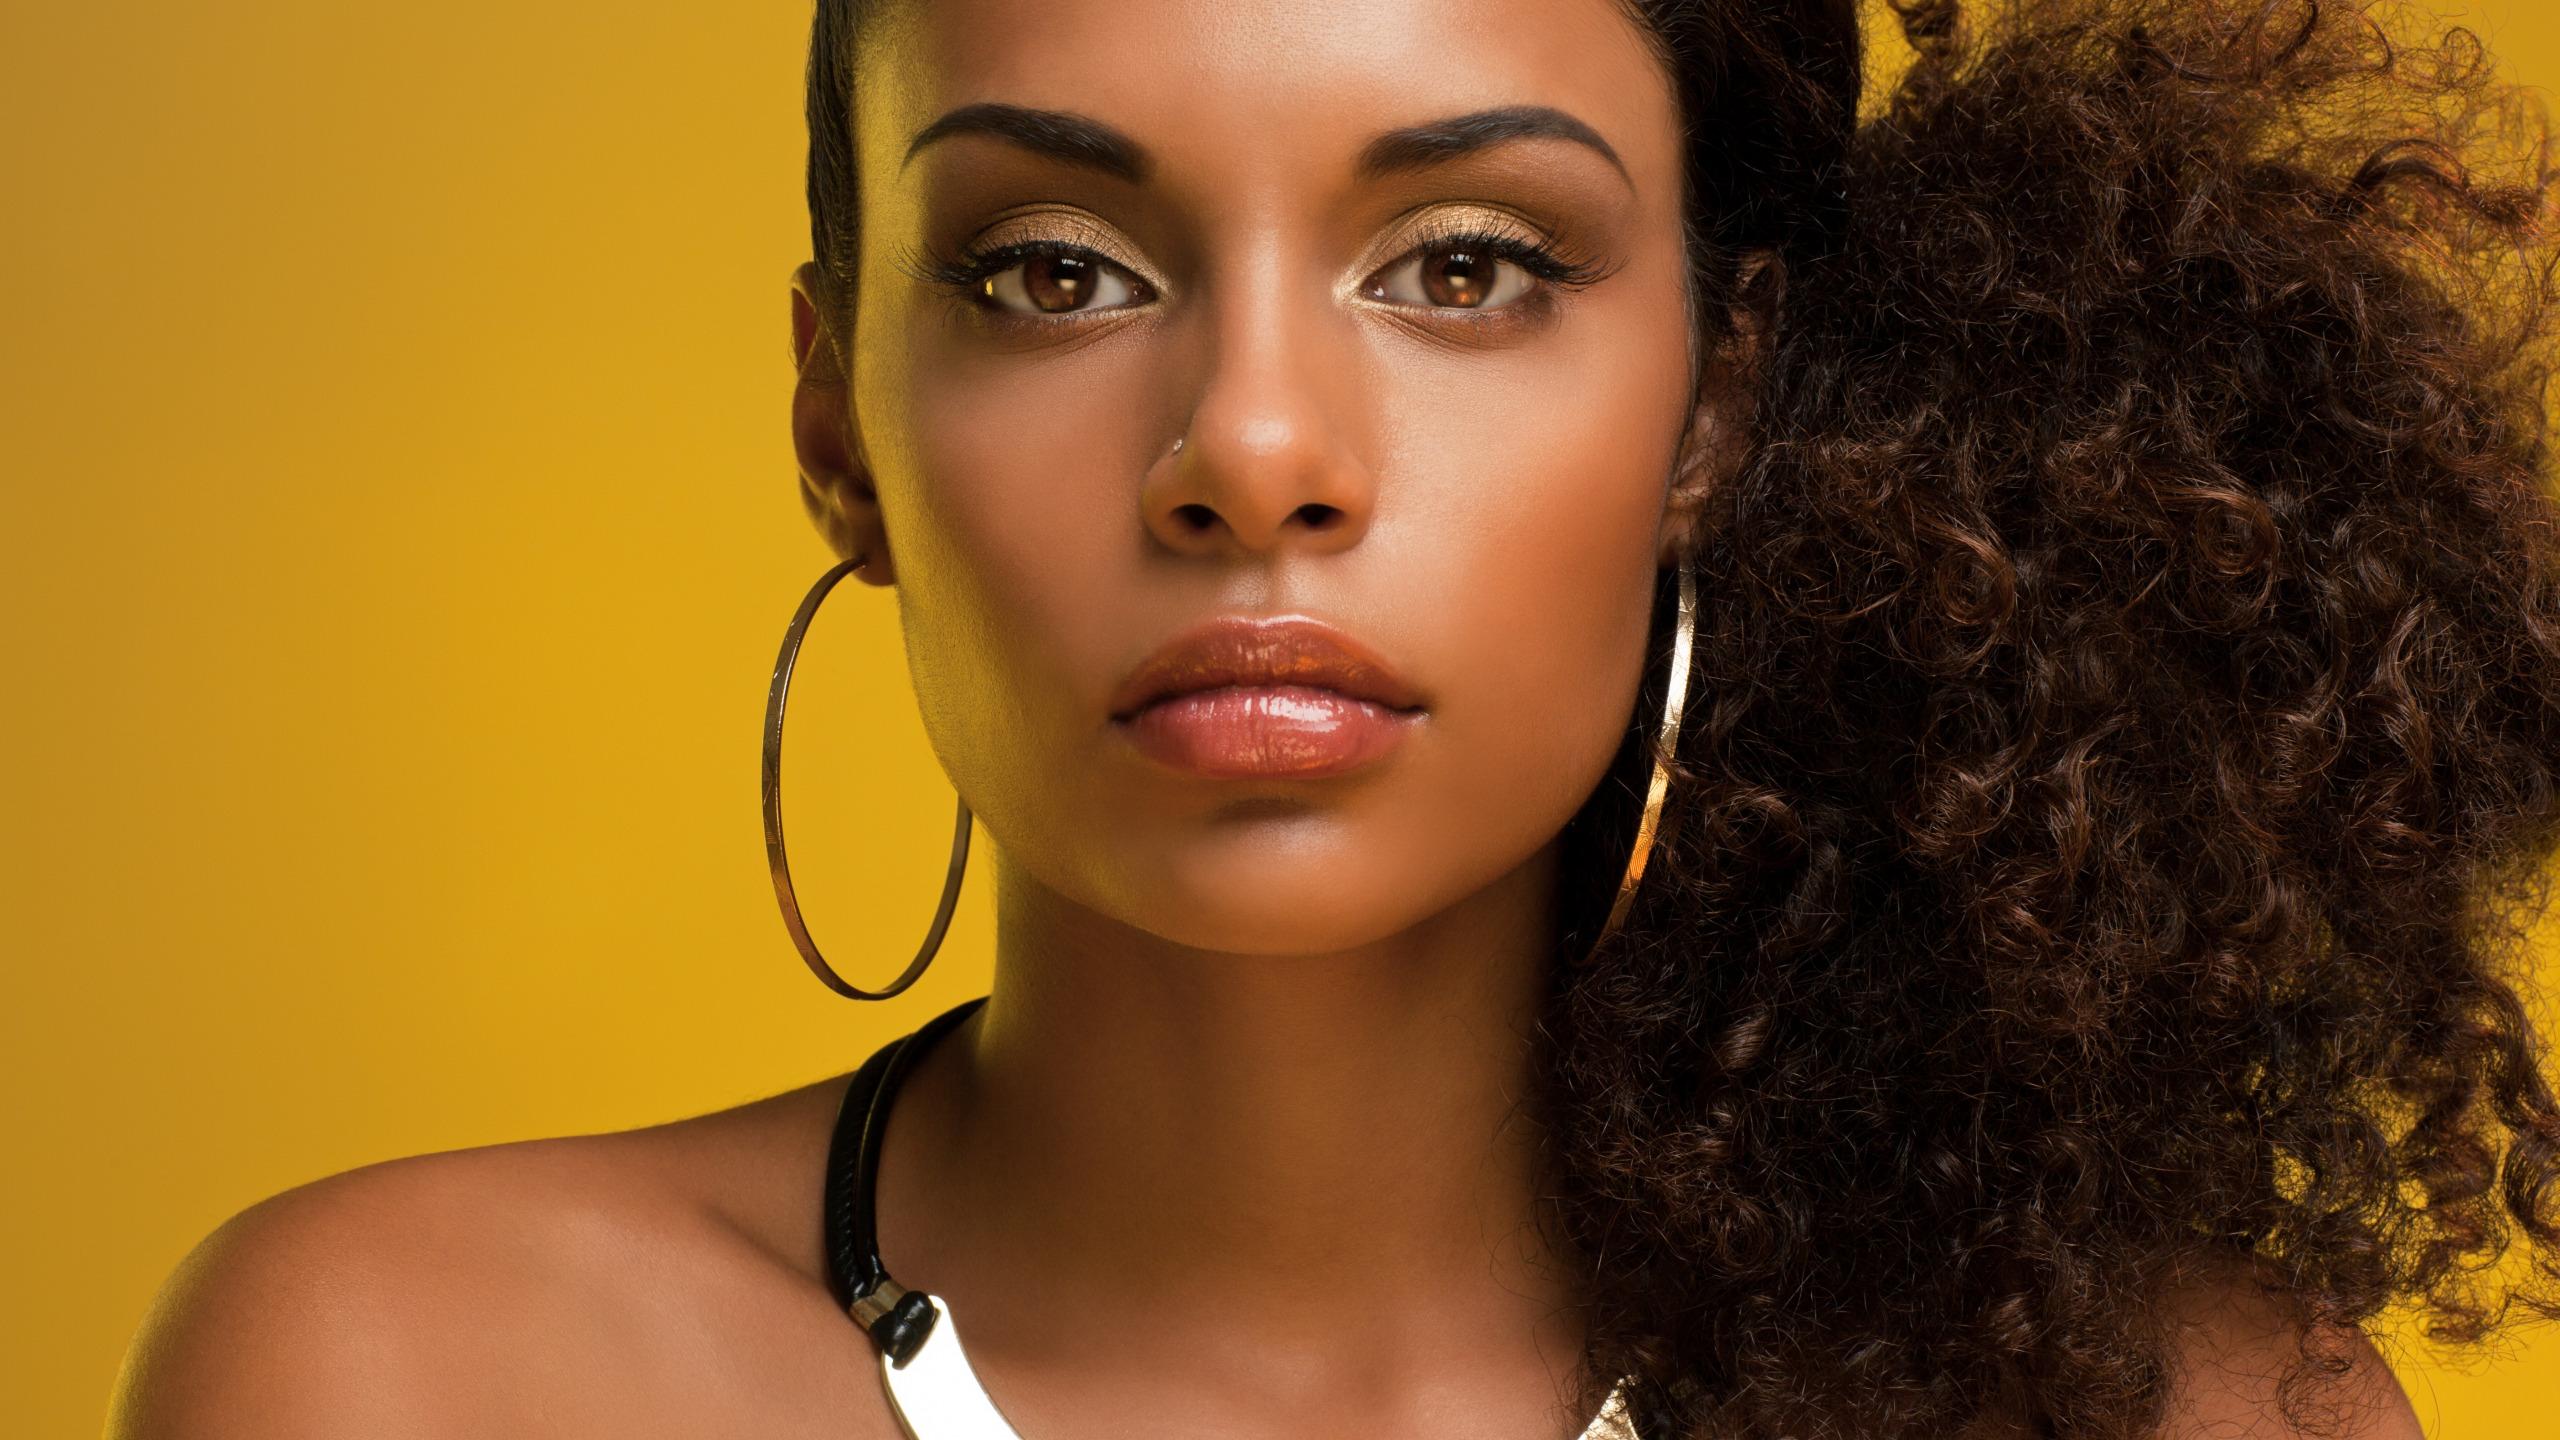 Фото самых черных и самых красивых девушек